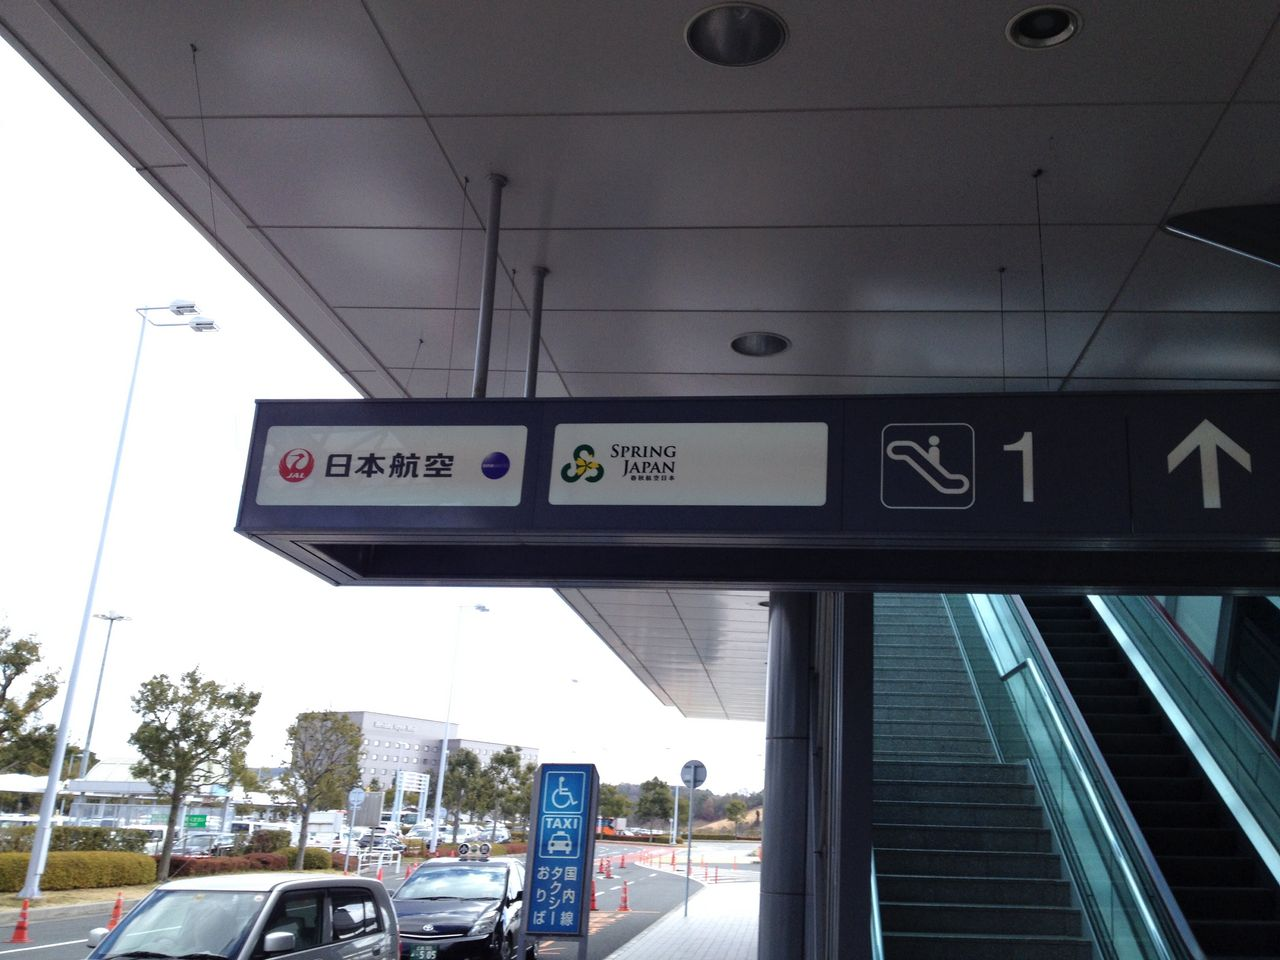 旅行新着情報まとめ : スプリングジャパン